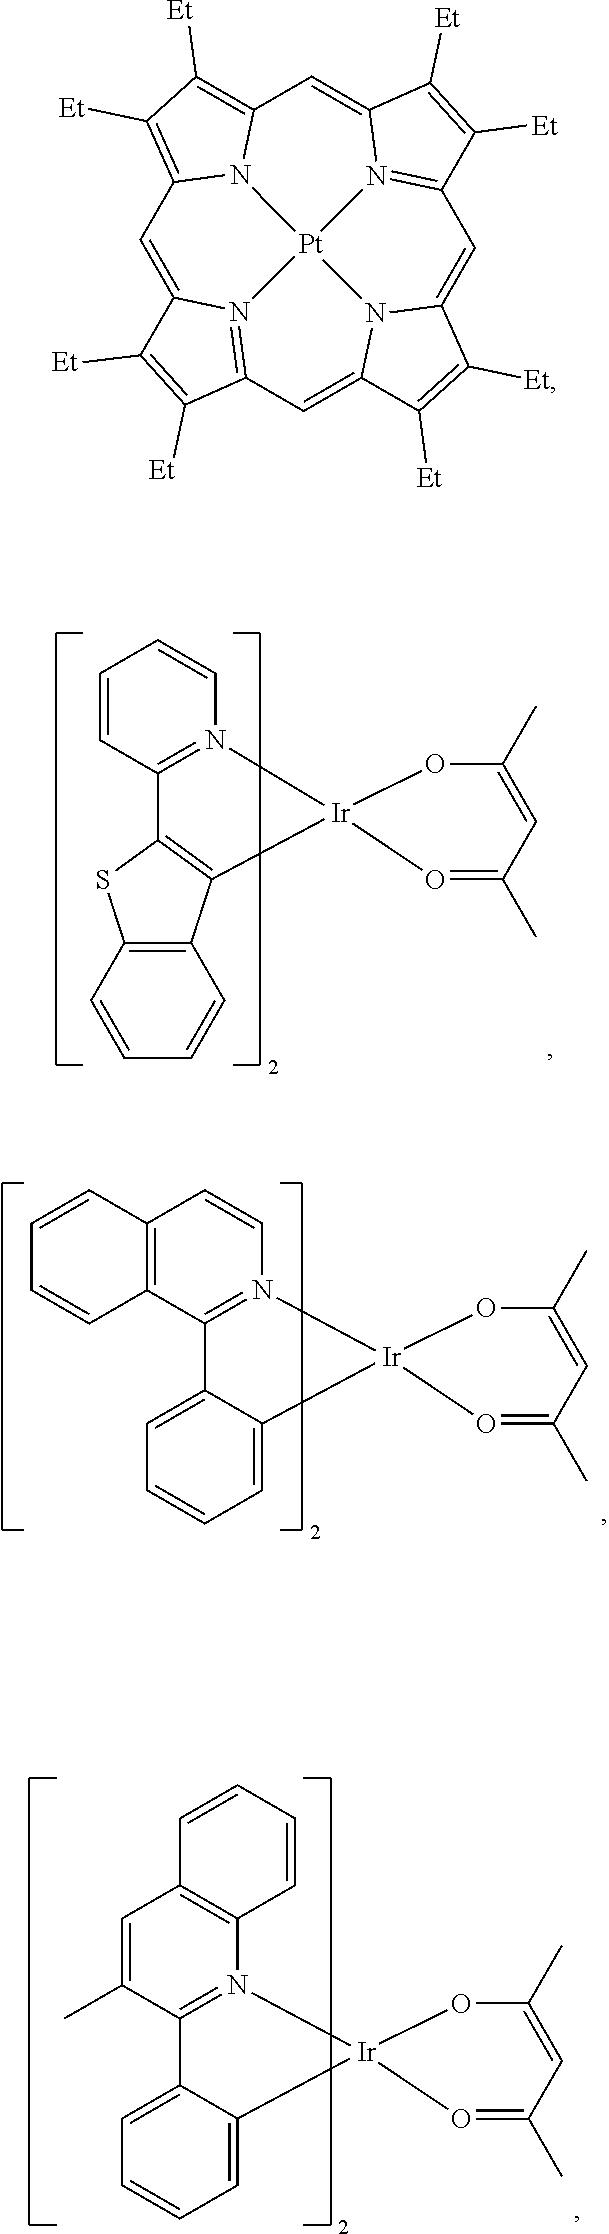 Figure US09455411-20160927-C00206